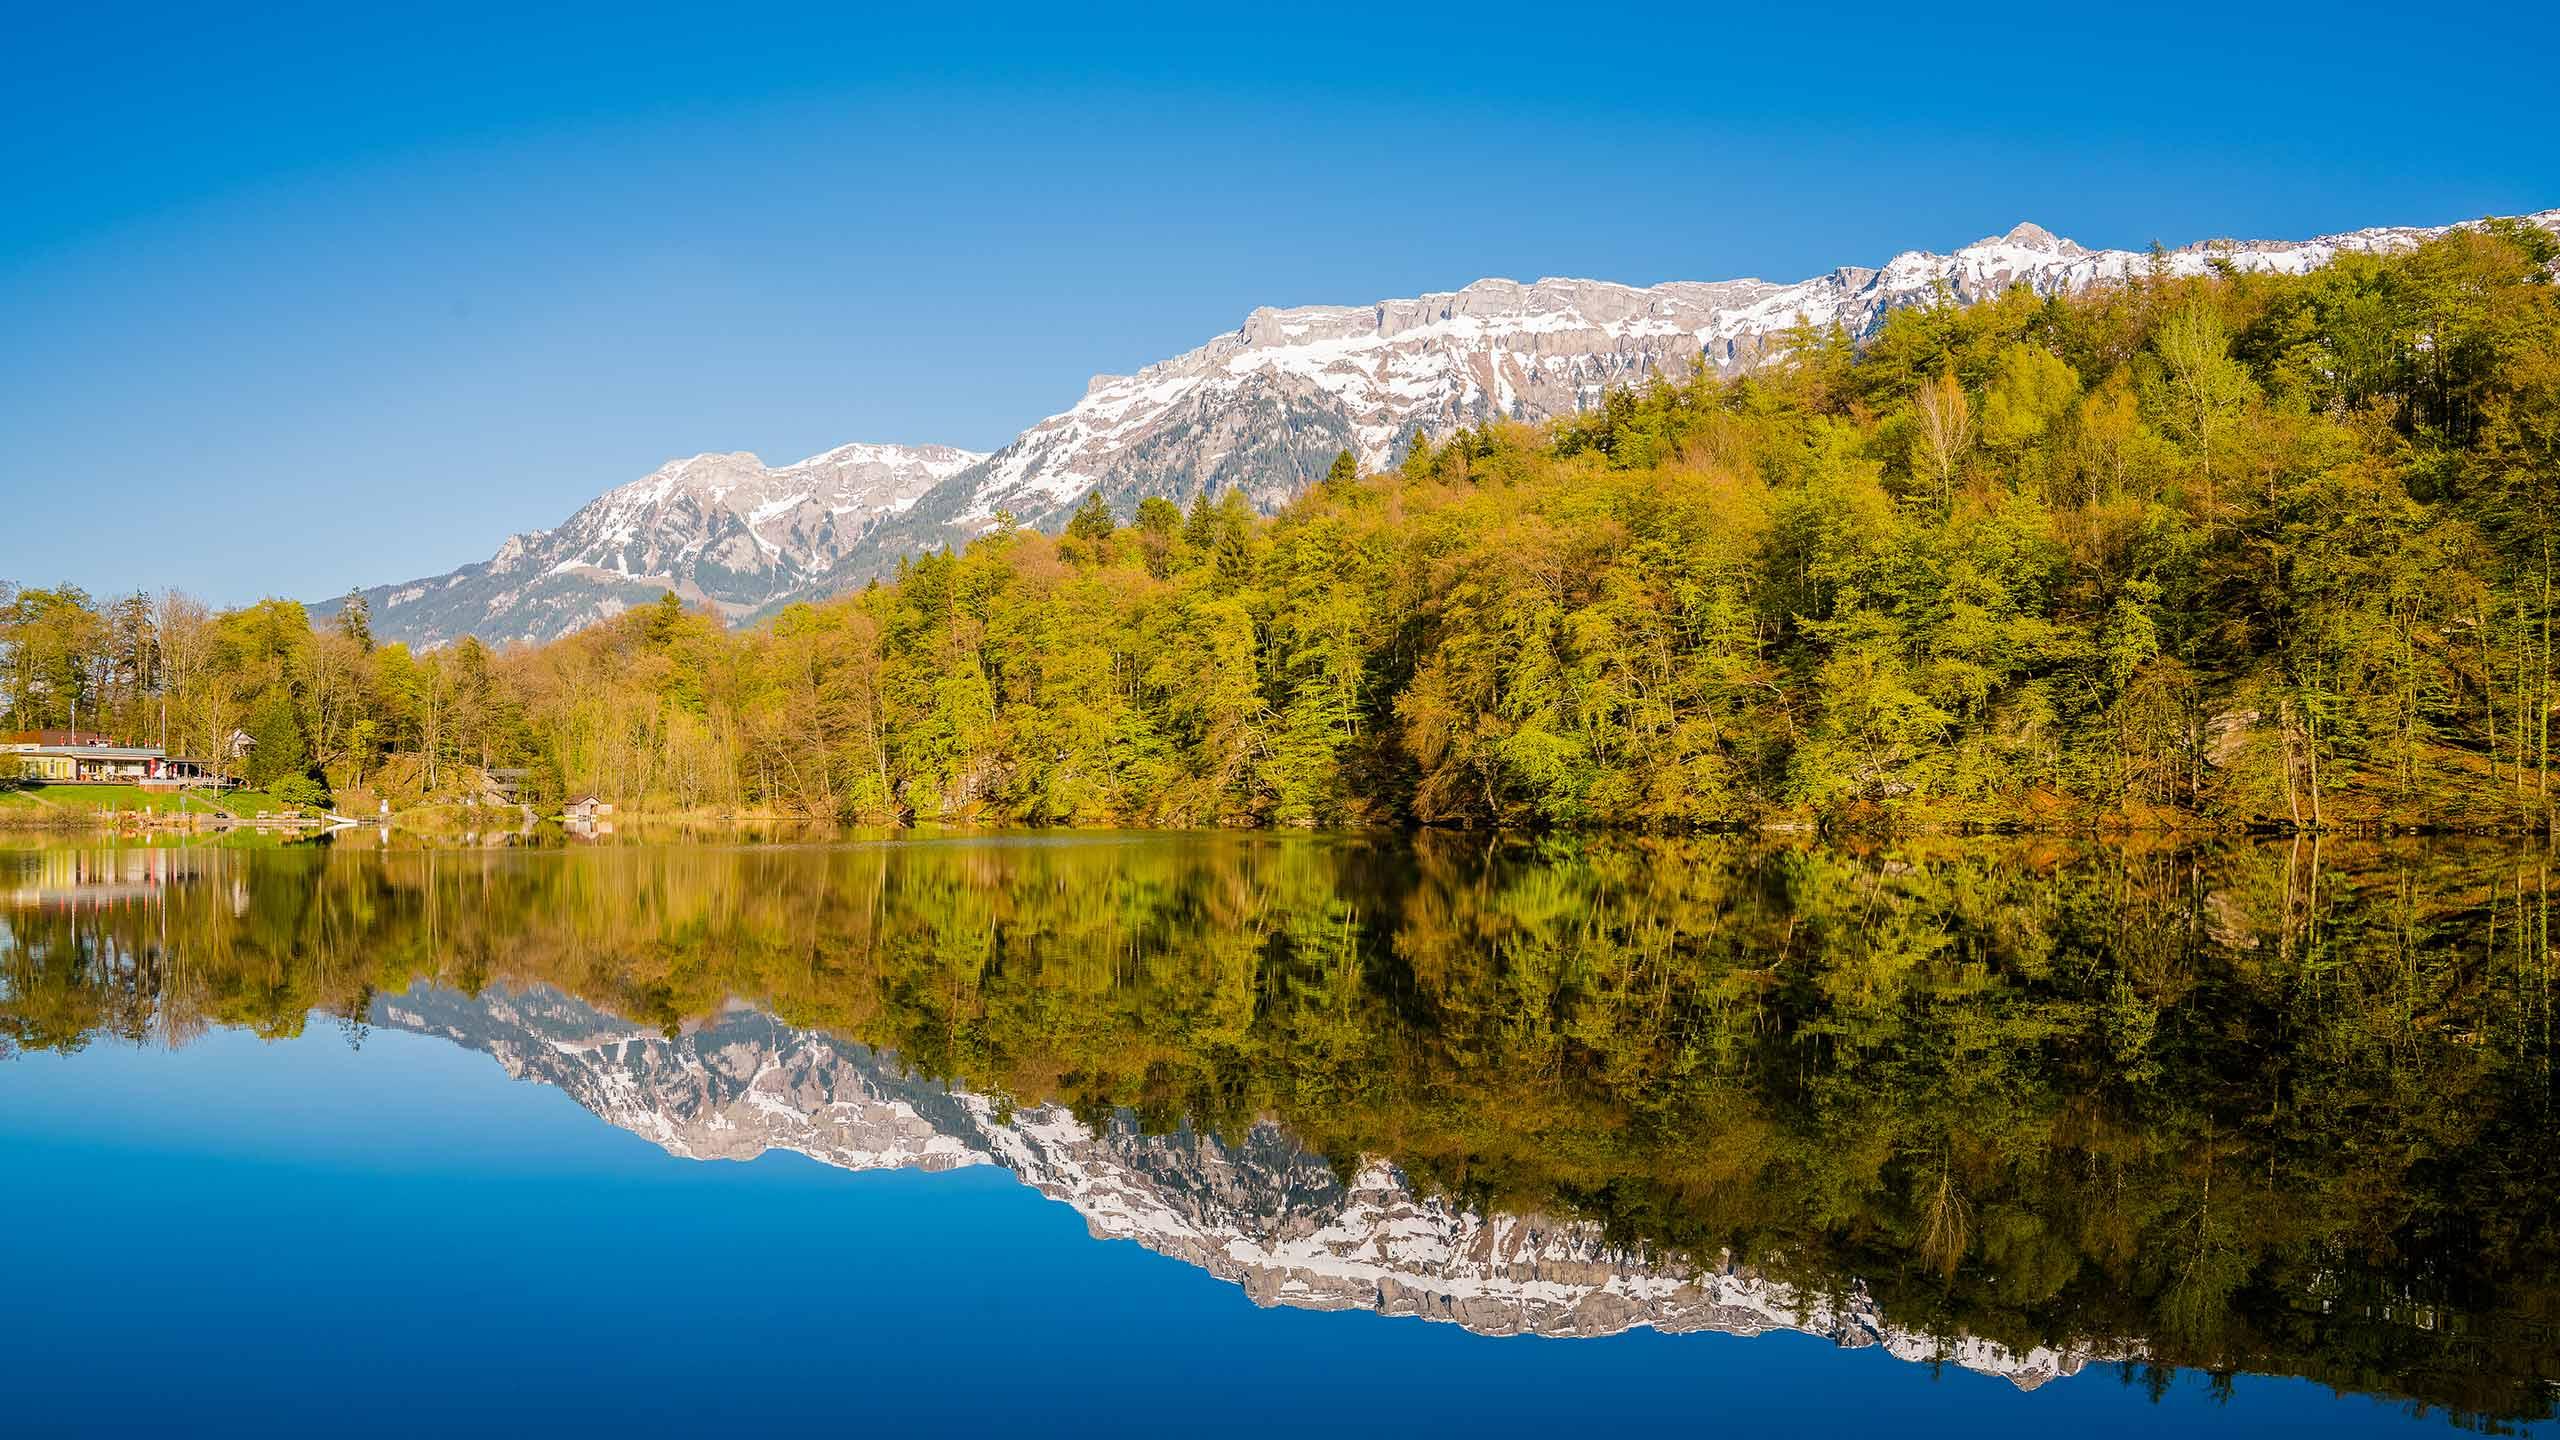 ringgenberg-burgseeli-fruehling-spiegelung-berge-schnee.jpg